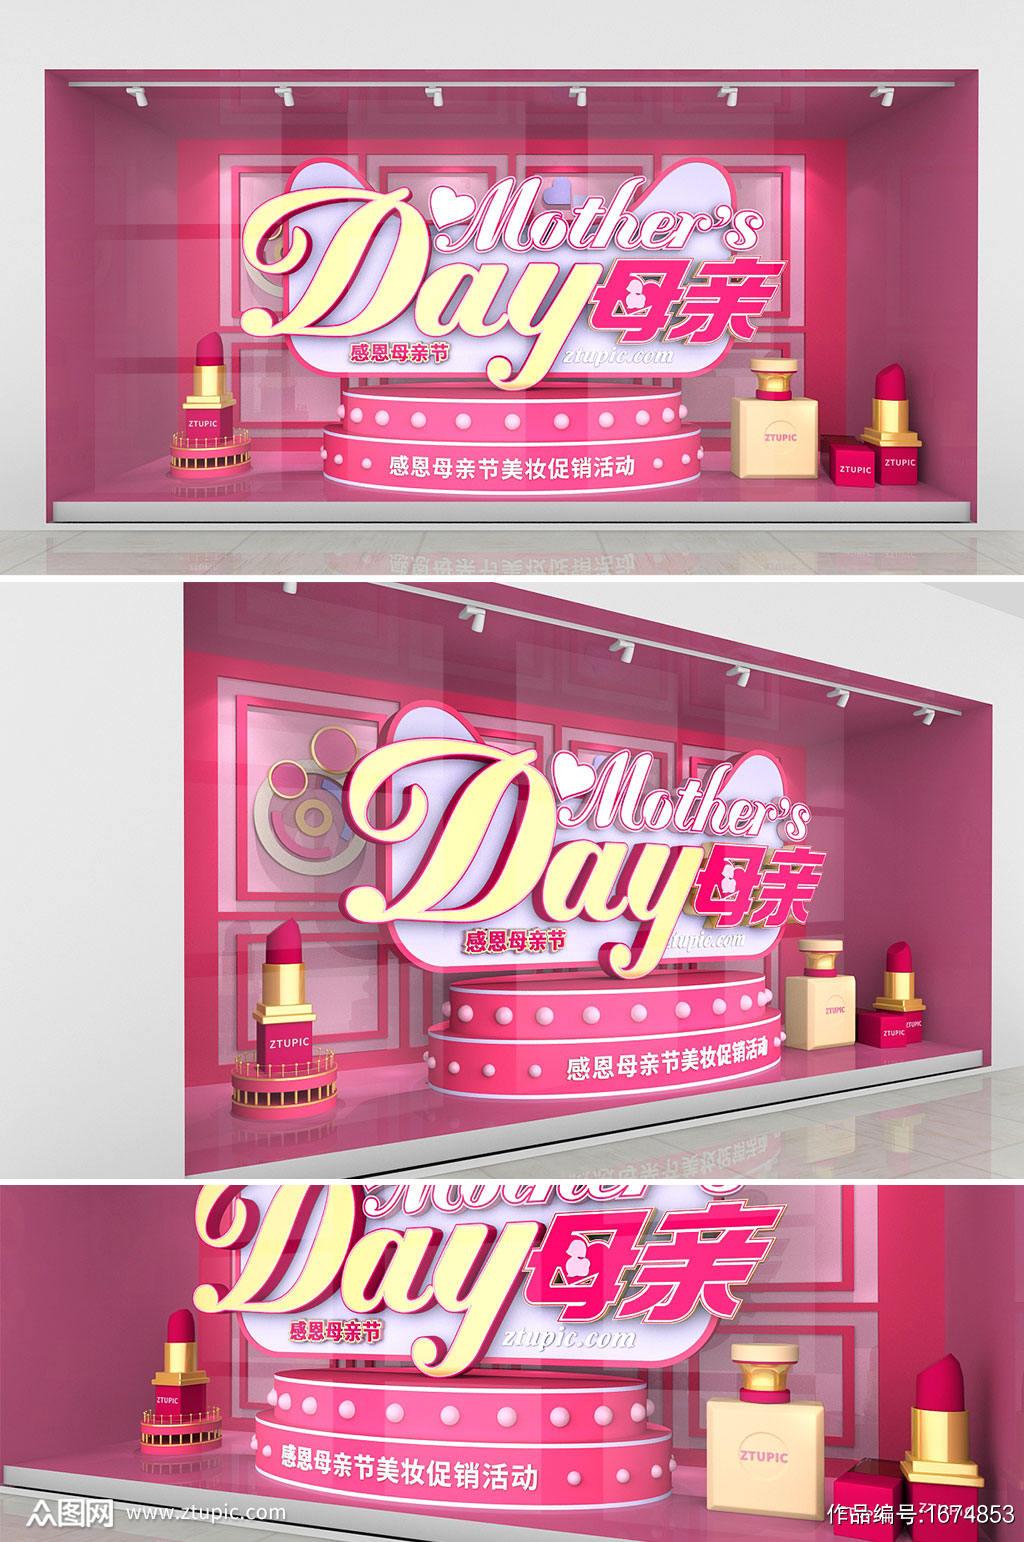 粉色时尚大气感恩回馈母亲节橱窗美陈素材